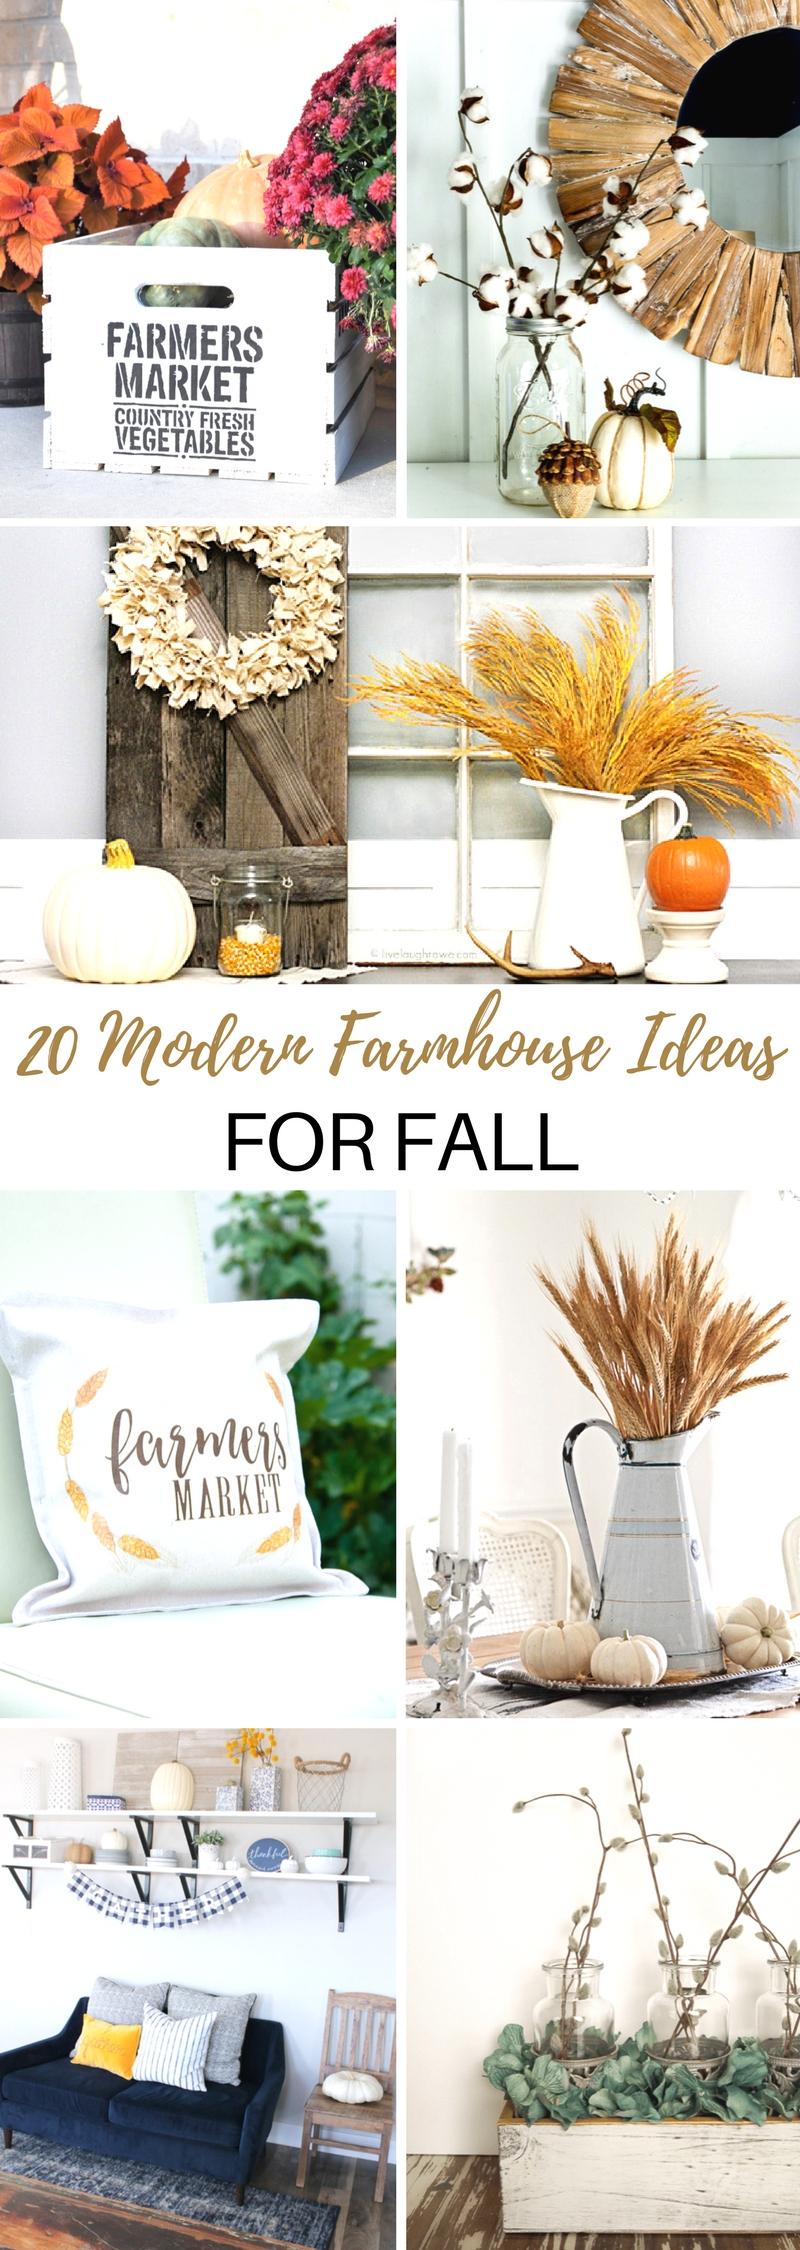 20 Must Make Modern Farmhouse Ideas for Fall